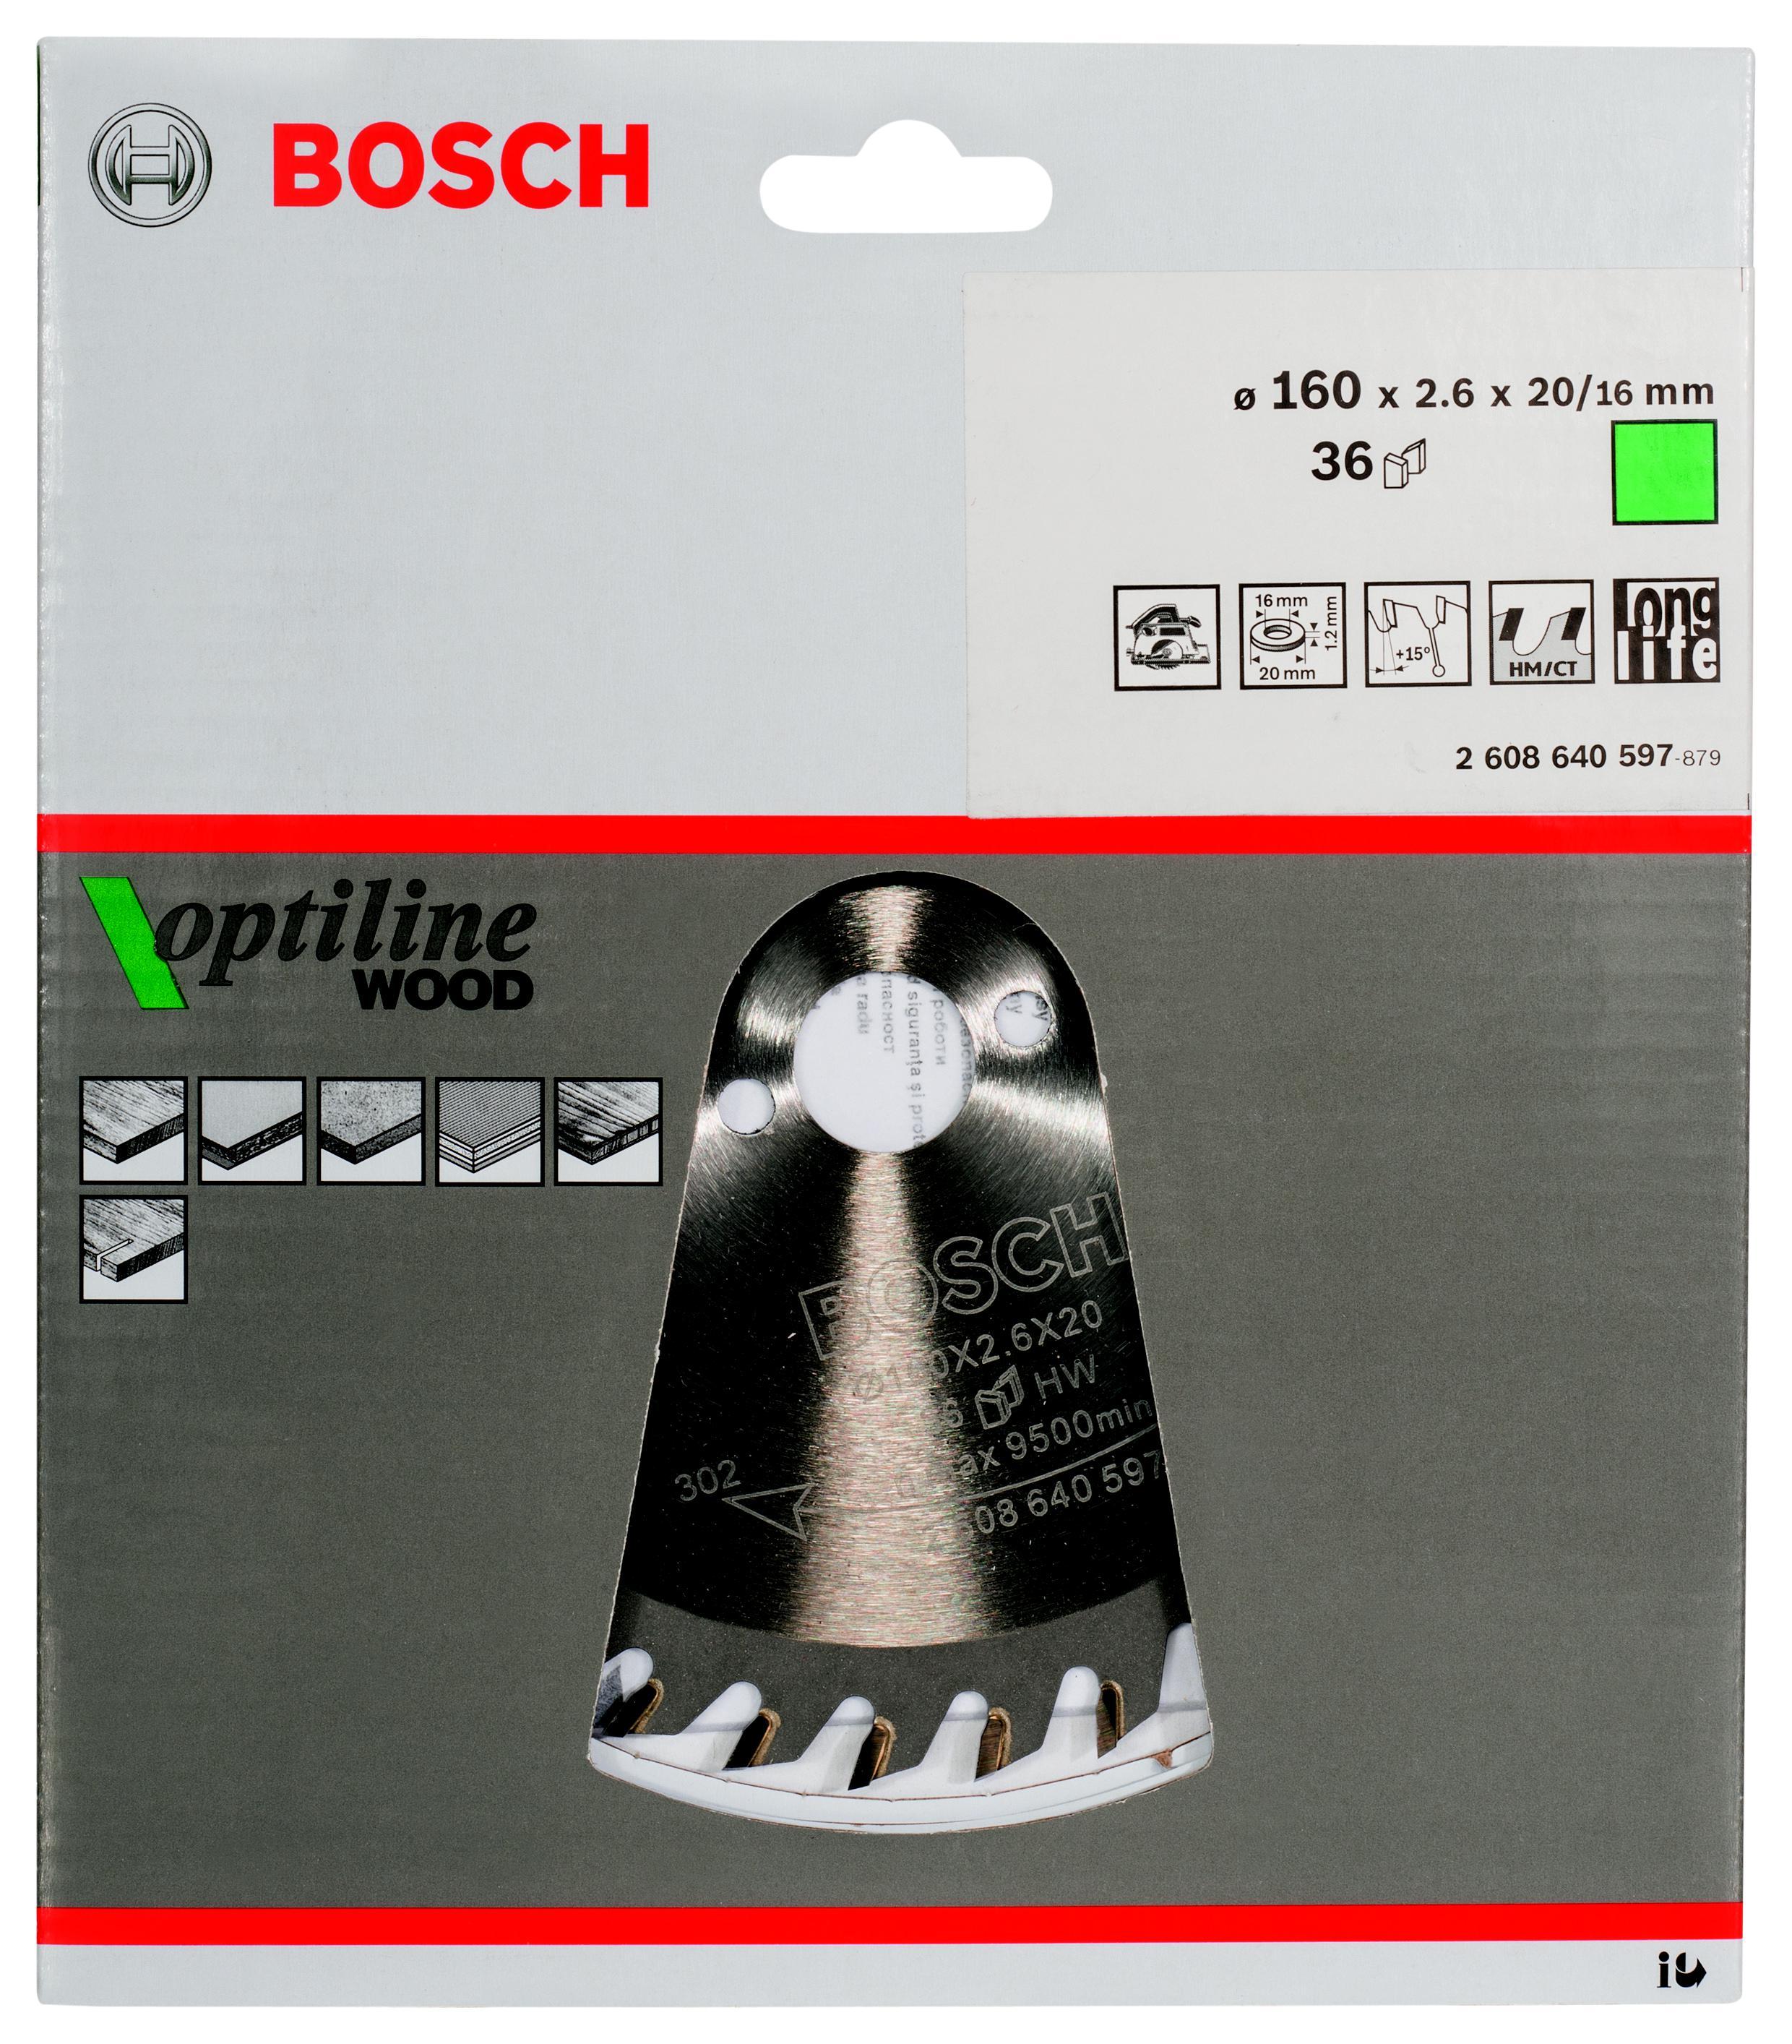 Диск пильный твердосплавный Bosch Optiline wood 160x36x20/16 (2.608.640.597) диск пильный твердосплавный bosch optiline wood 305x60x30 gcm 12 2 608 640 441